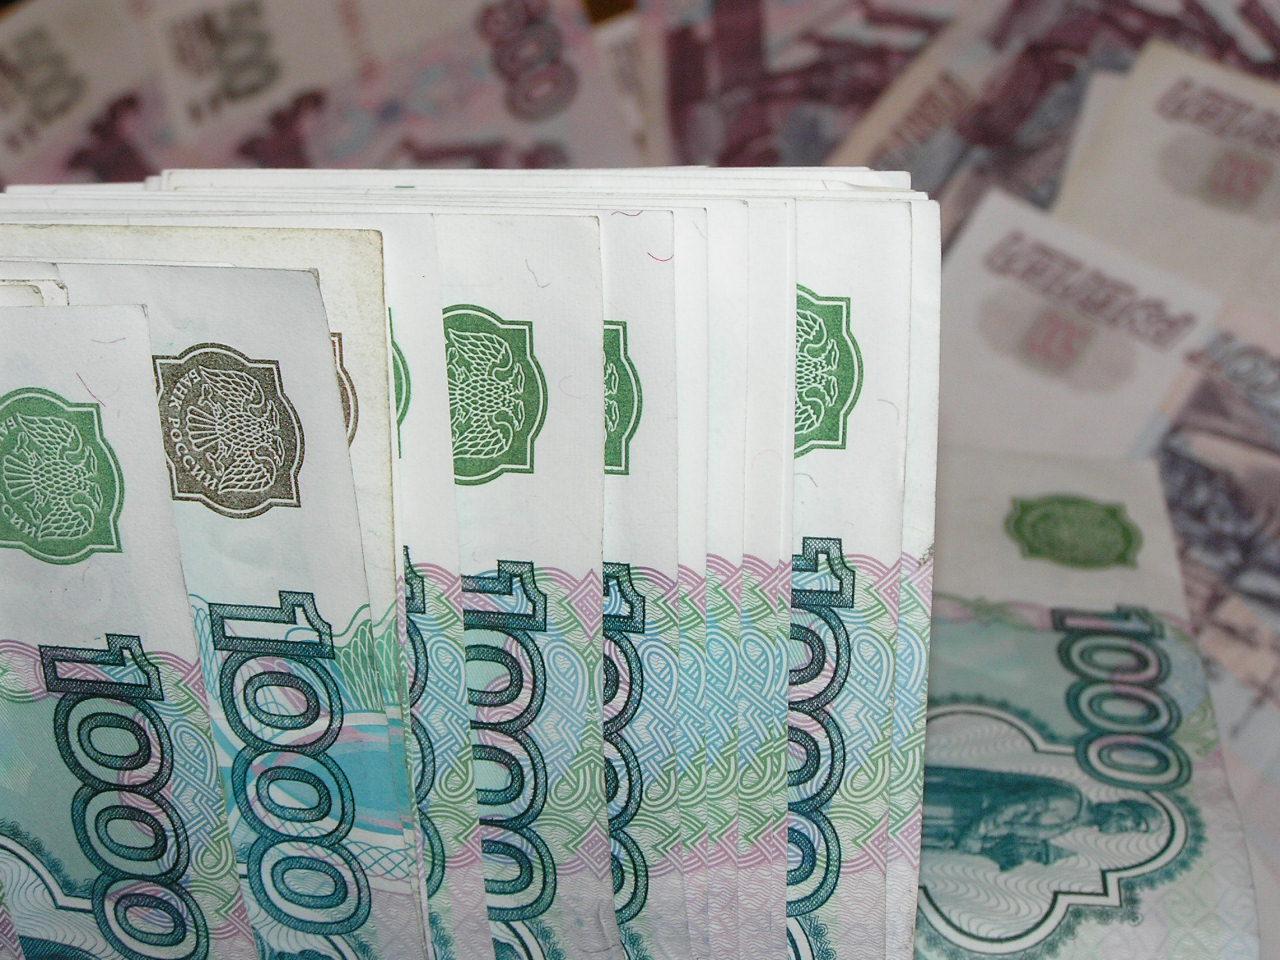 Вологодской области выделили финансовую помощь 9 миллиардов рублей